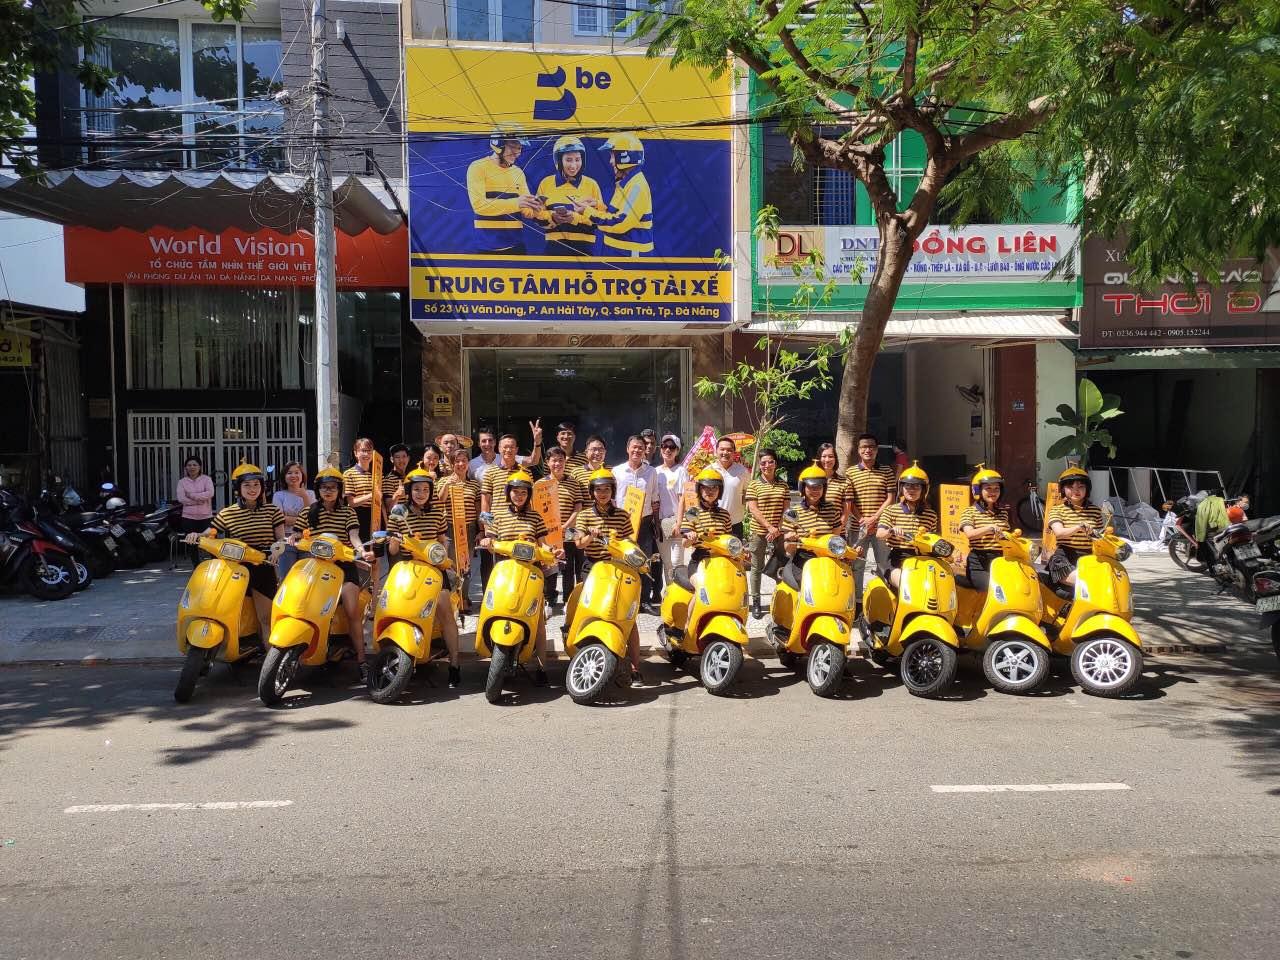 Ứng dụng gọi xe be triển khai beBike tại Đà Nẵng